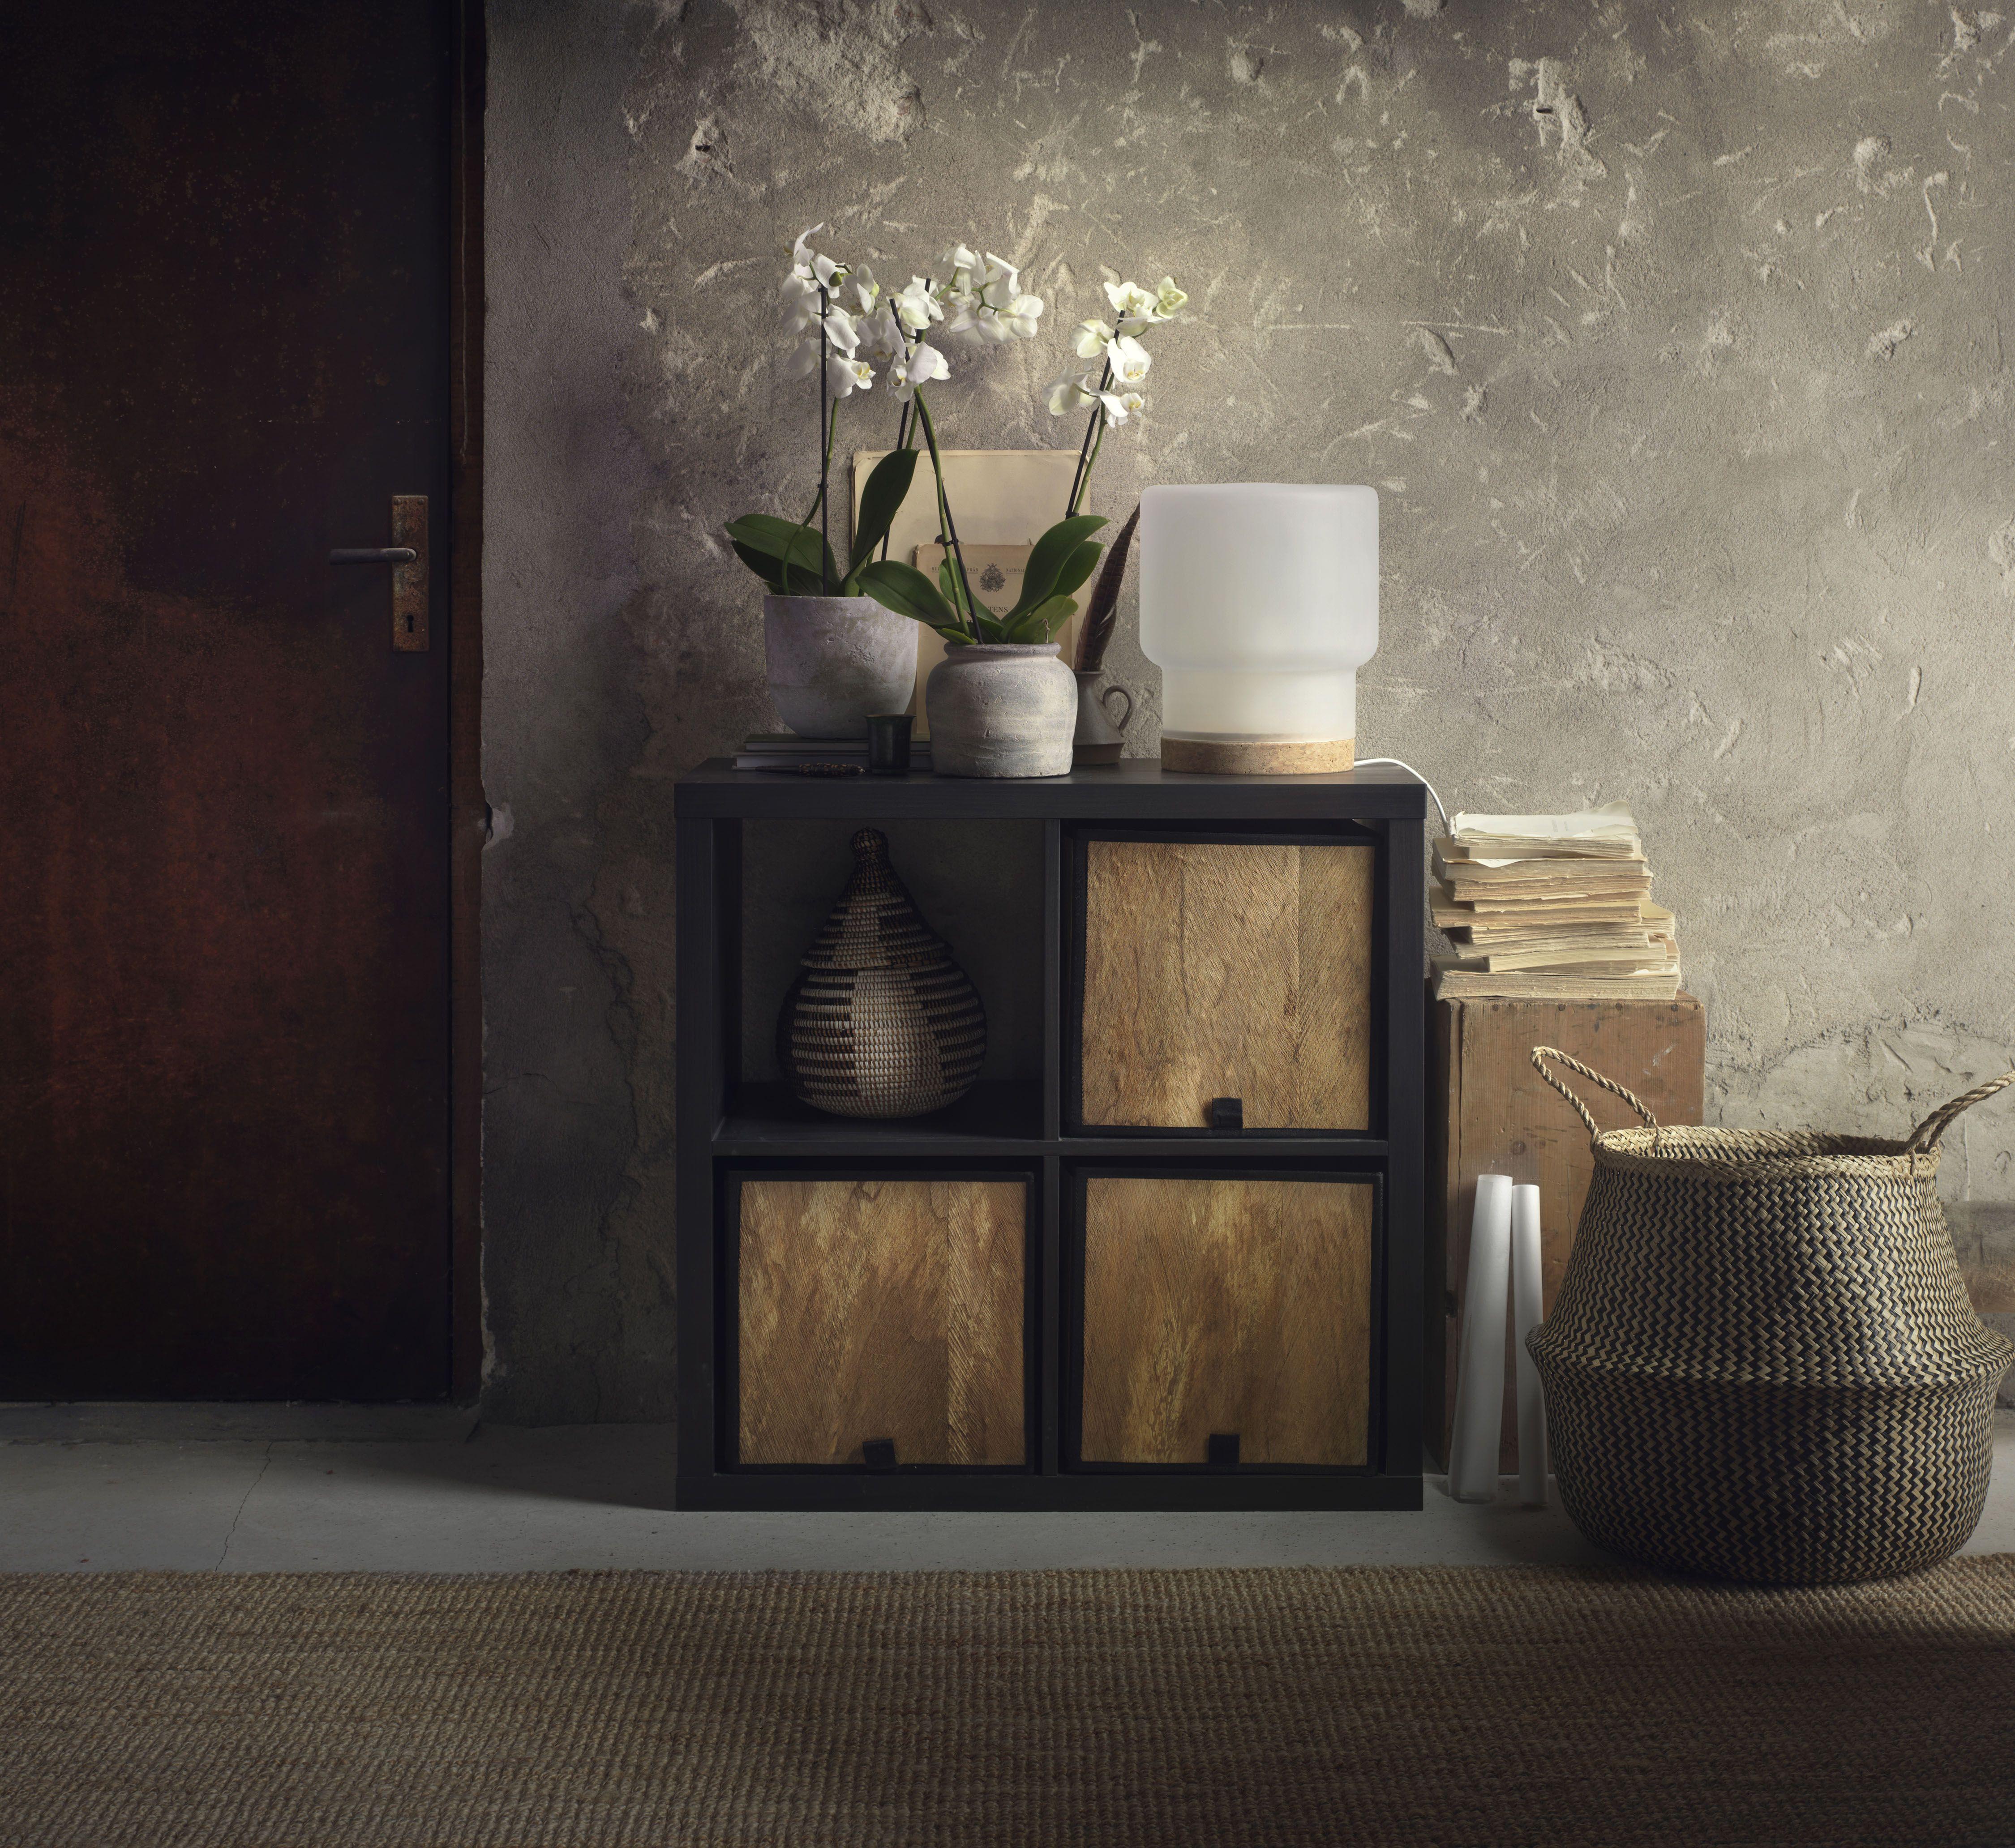 Ikea Expedit Boekenkast Zwart Bruin.Kallax Open Kast Zwartbruin Ikea Ikea Home Home Furnishings En